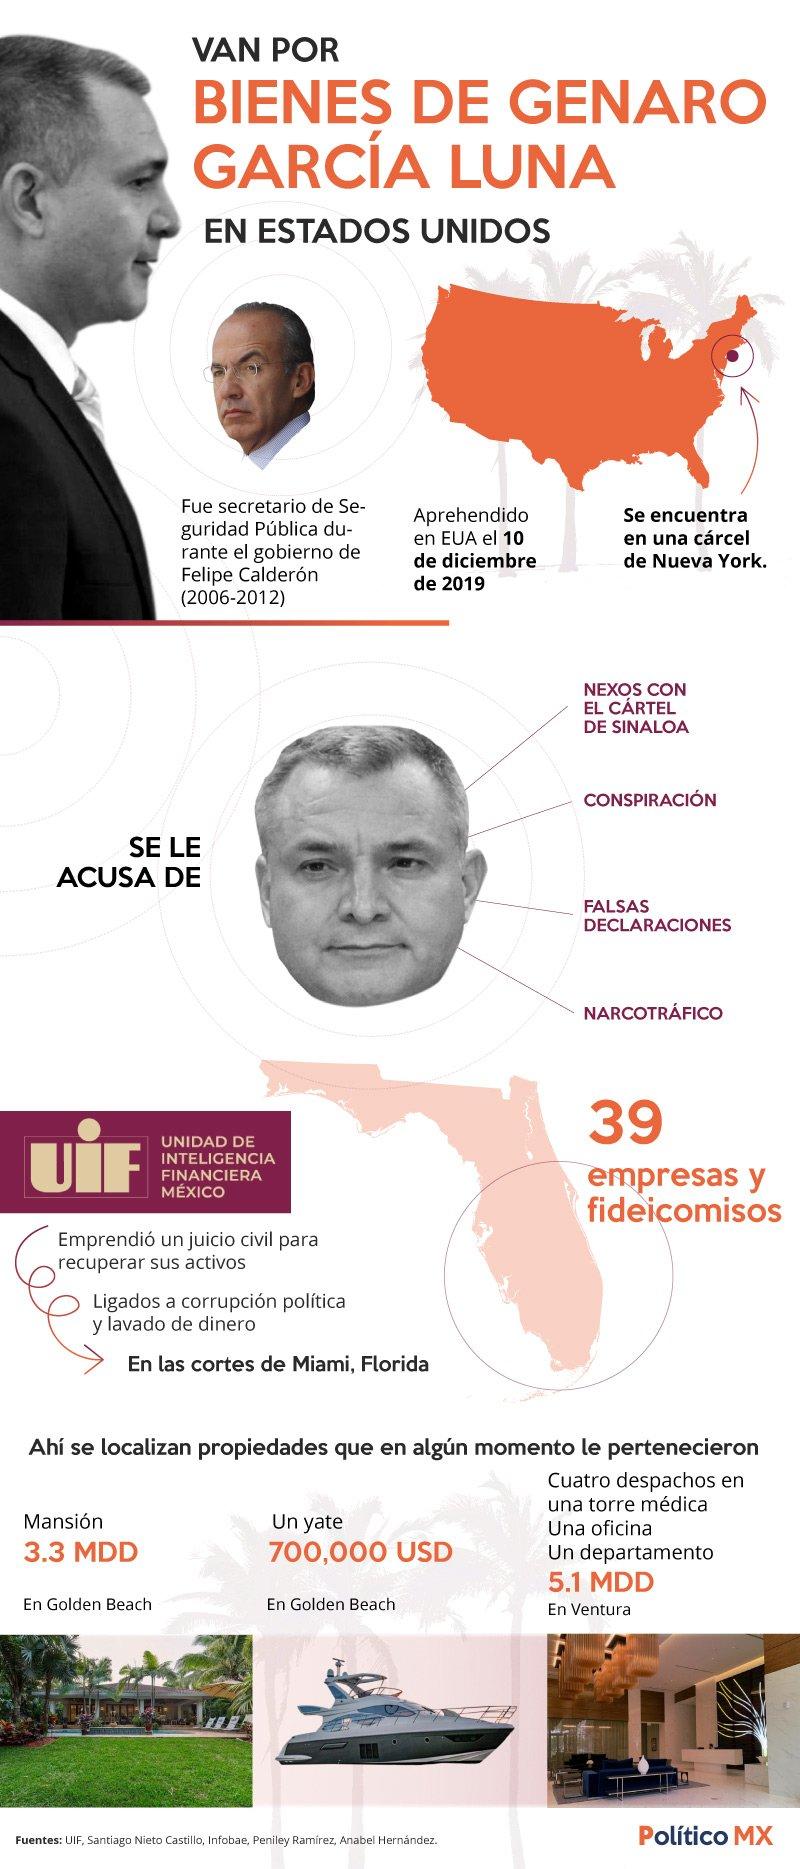 UIF va por activos de García Luna en EUA